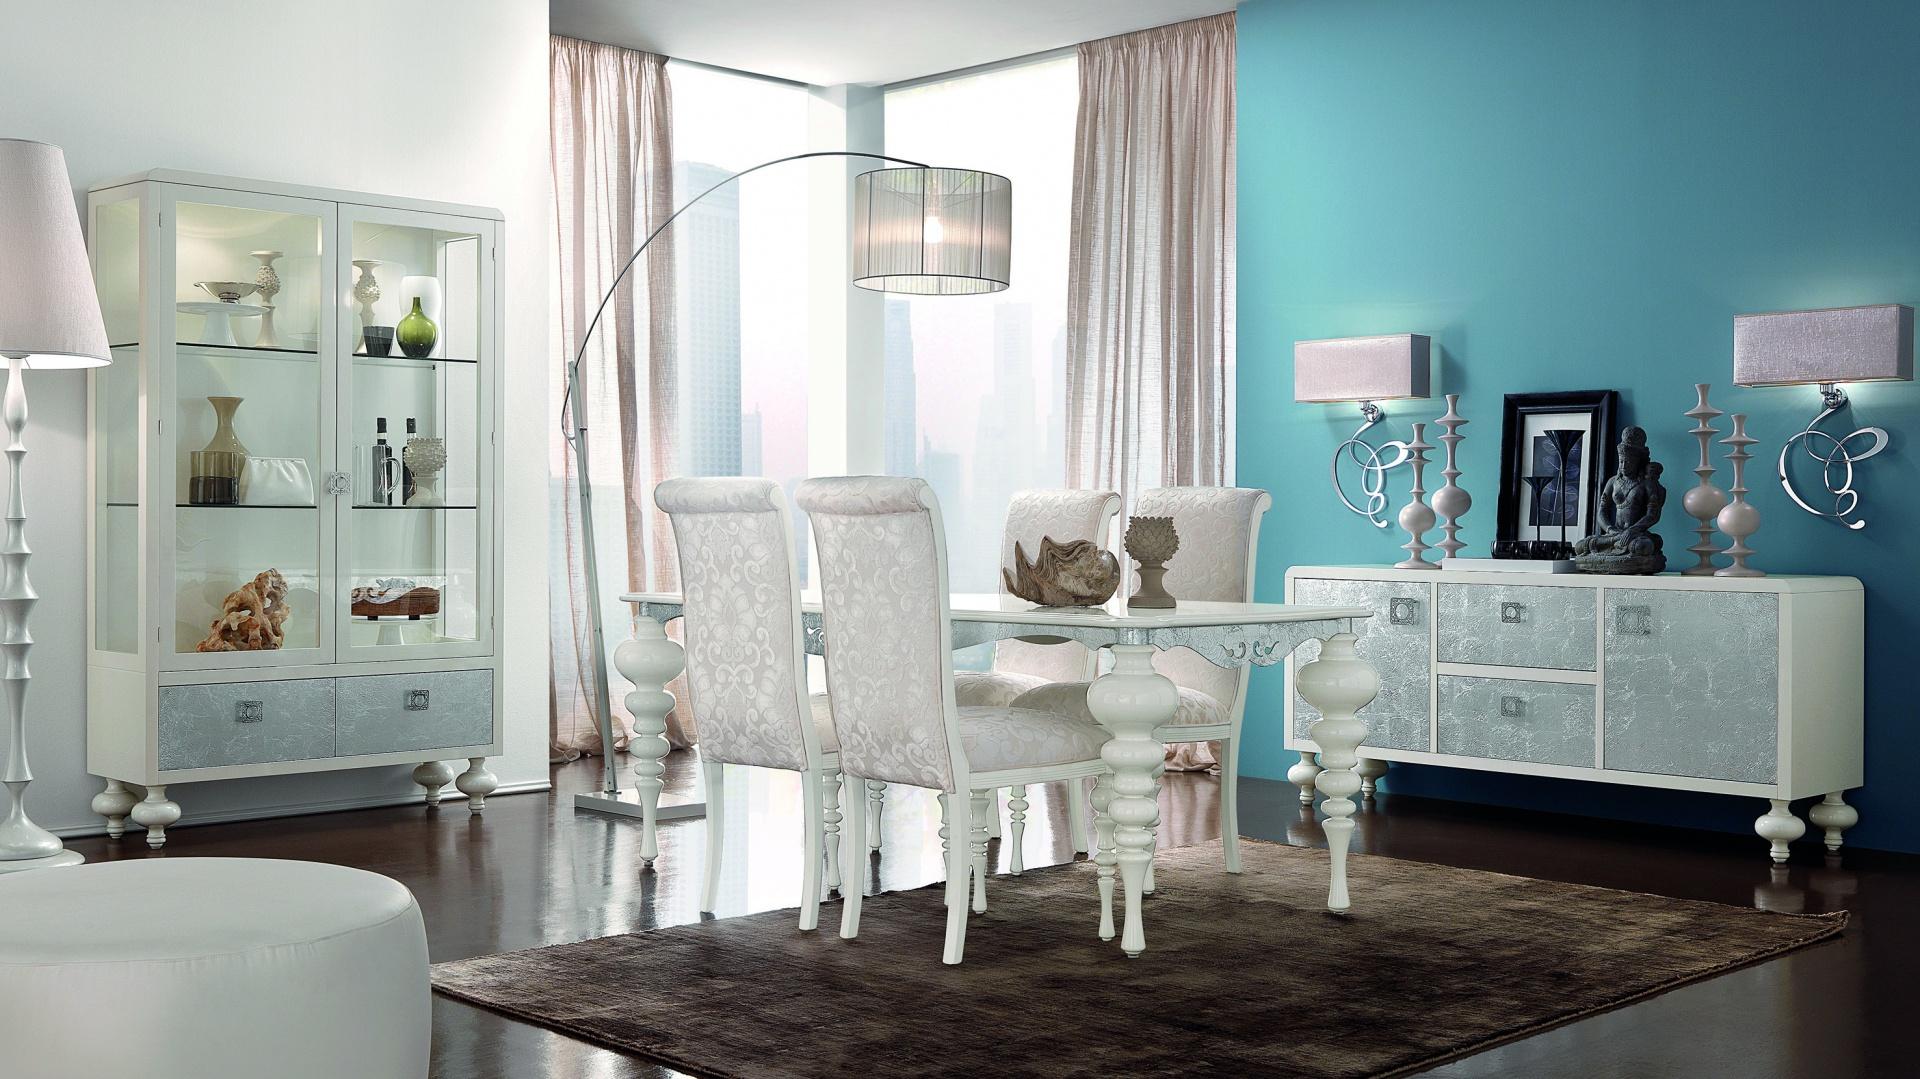 To propozycja zestawu mebli do jadalni od firmy Bova. Stół z kolekcji Victoria, szafki z kolekcji Vetrina, tapicerowane krzesła z kolekcji Lady. Białe wykończenia w satynowym połysku nadają wnętrzu elegancki, stylowy charakter.